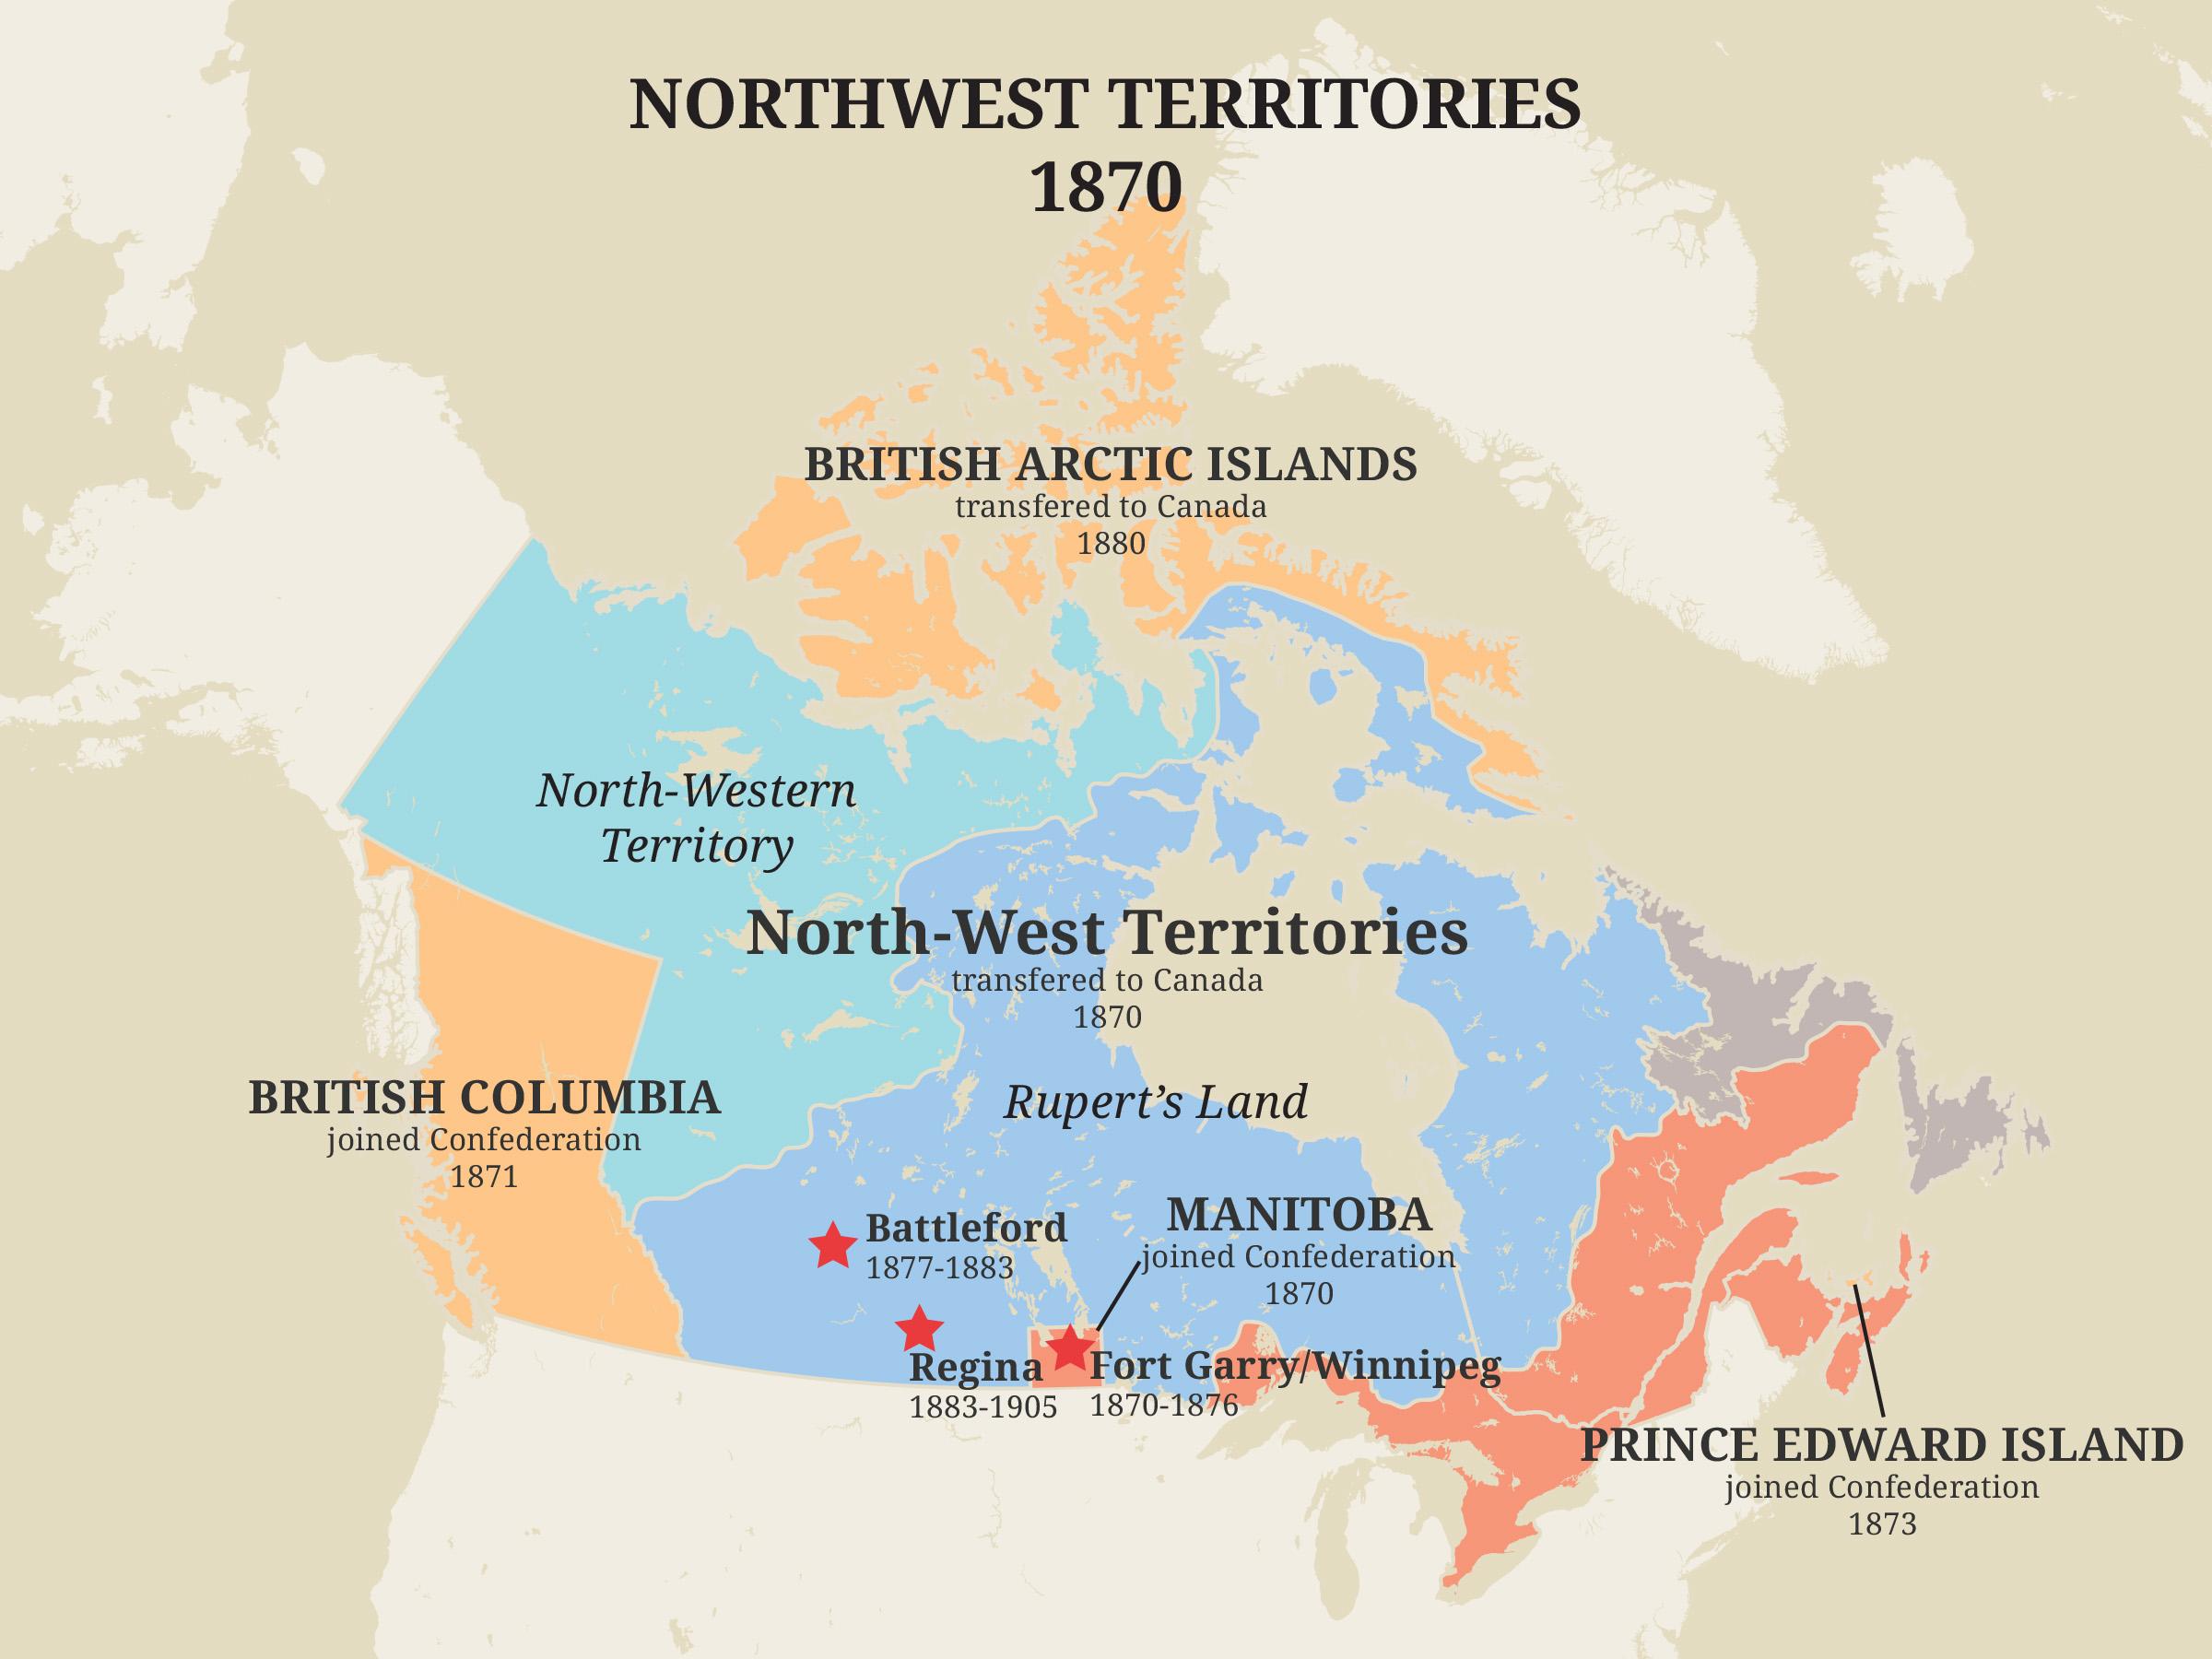 Territoires du Nord-Ouest, 1870